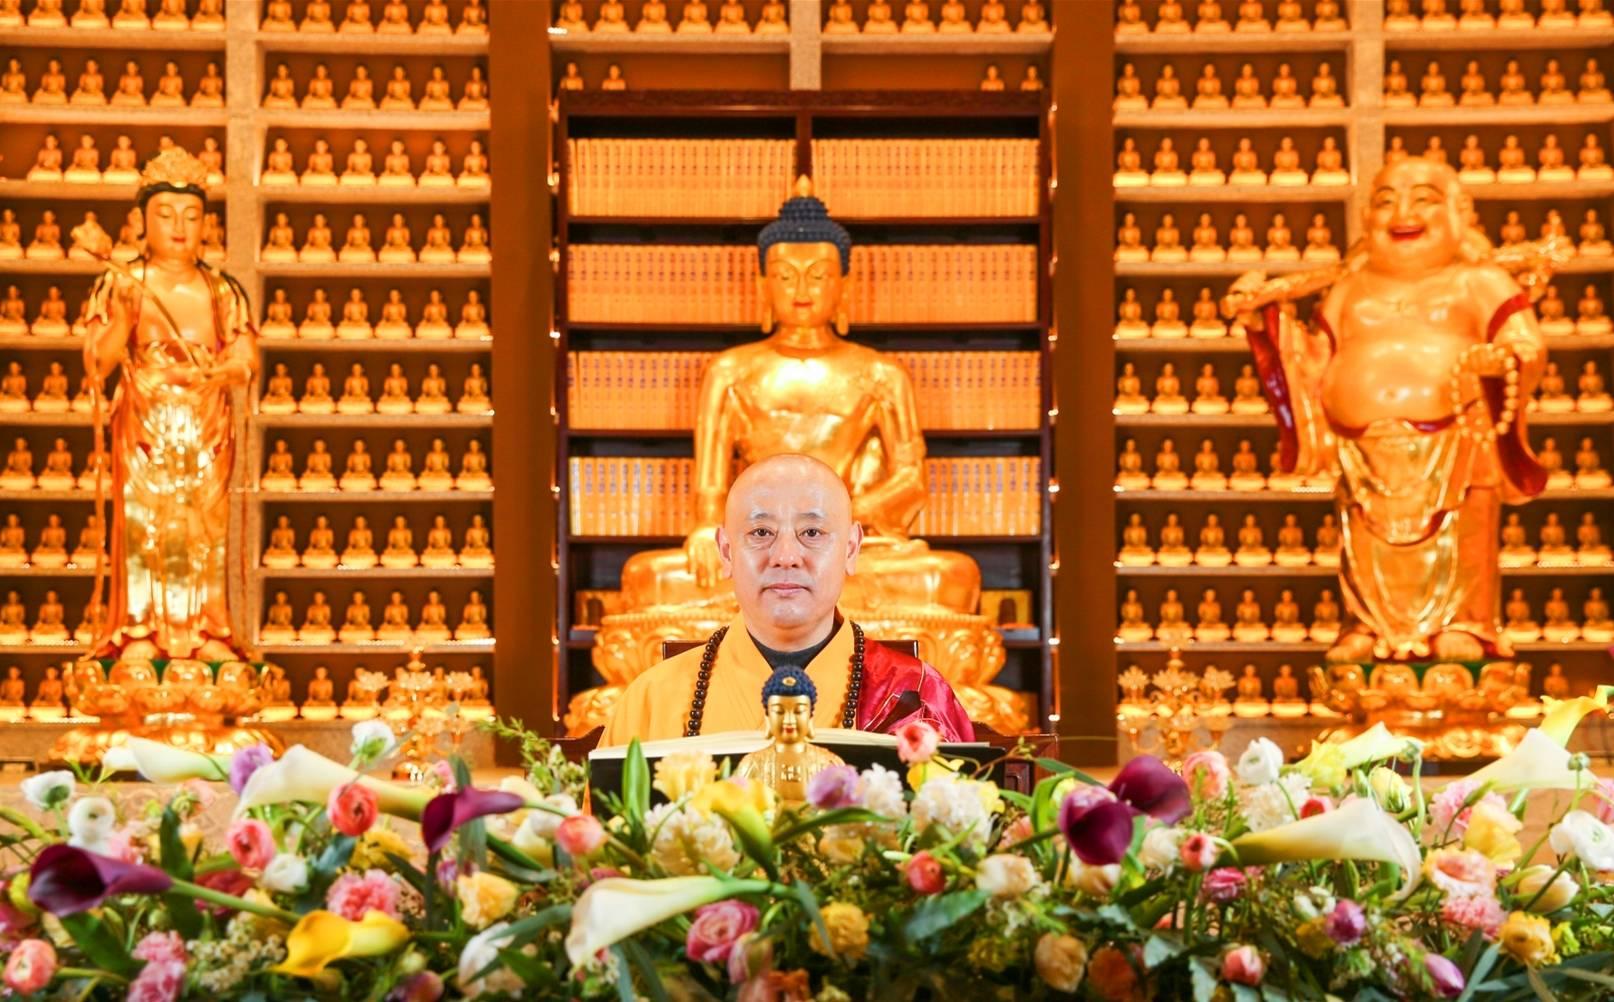 洪:在听到佛的名字后 他经常练习梵语 直